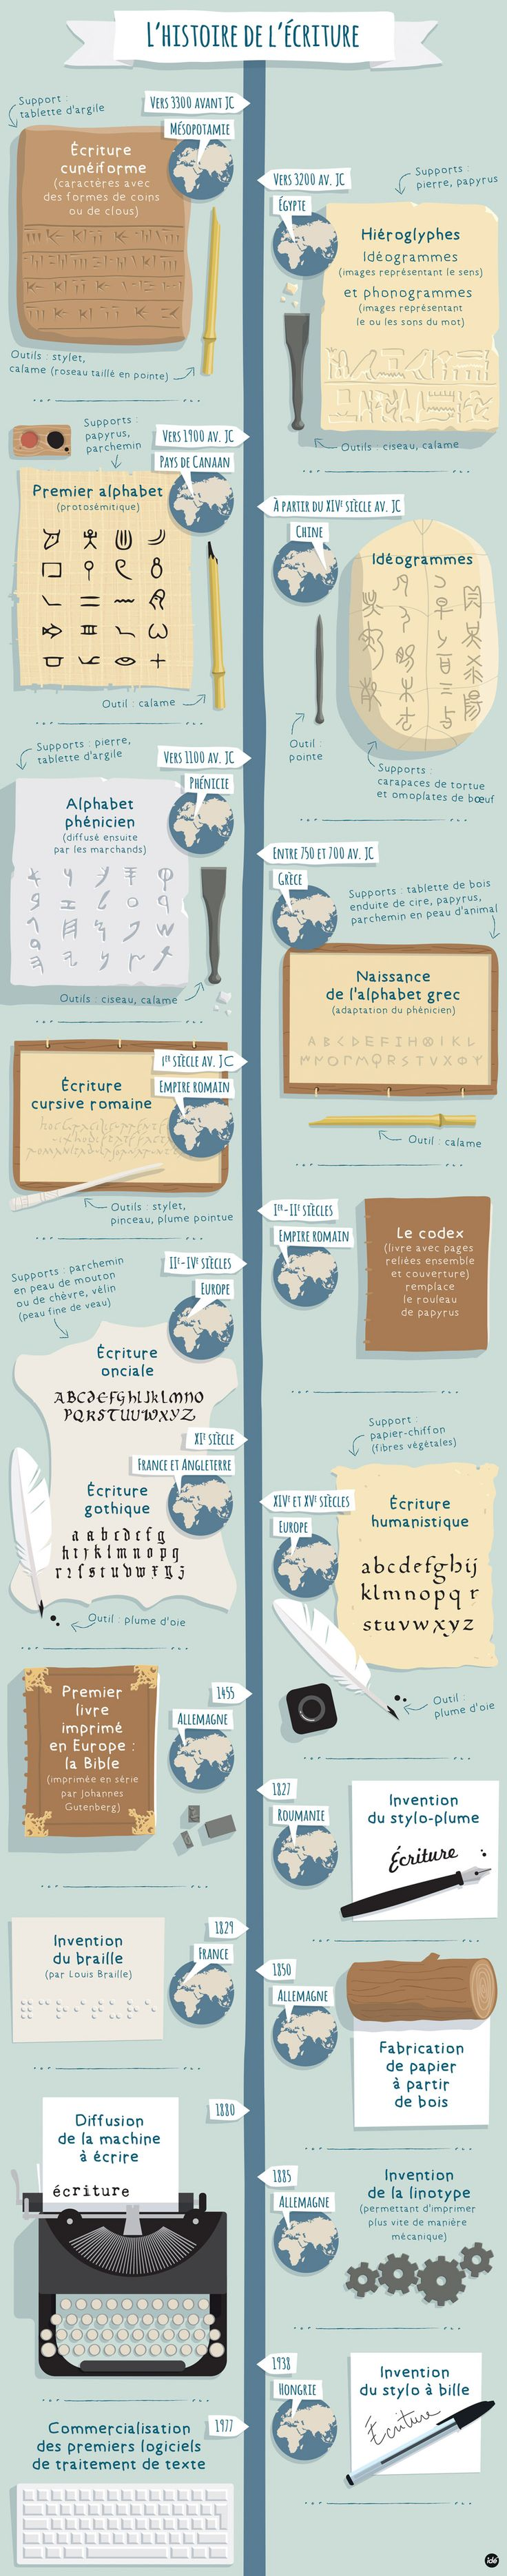 L'histoire de l'écriture - ARTE